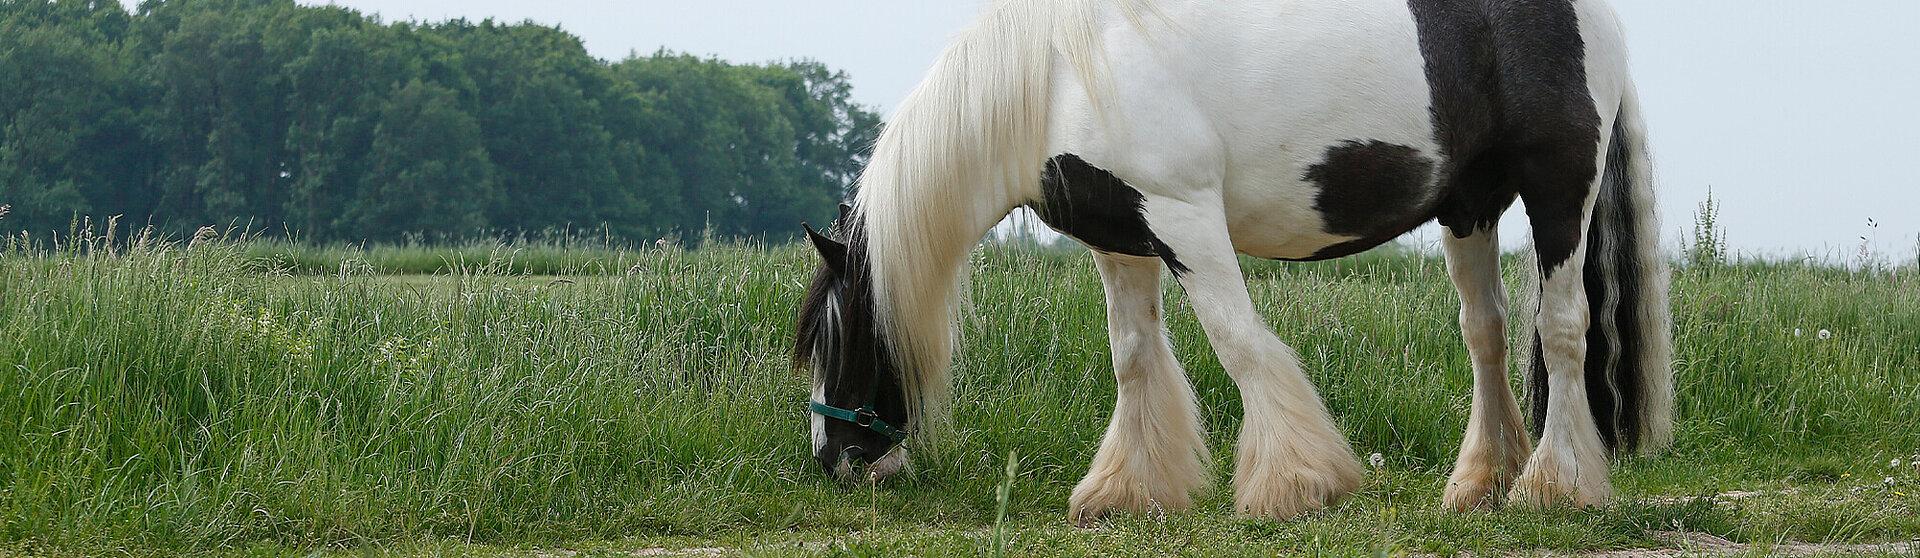 Pferd grasend auf der Weide